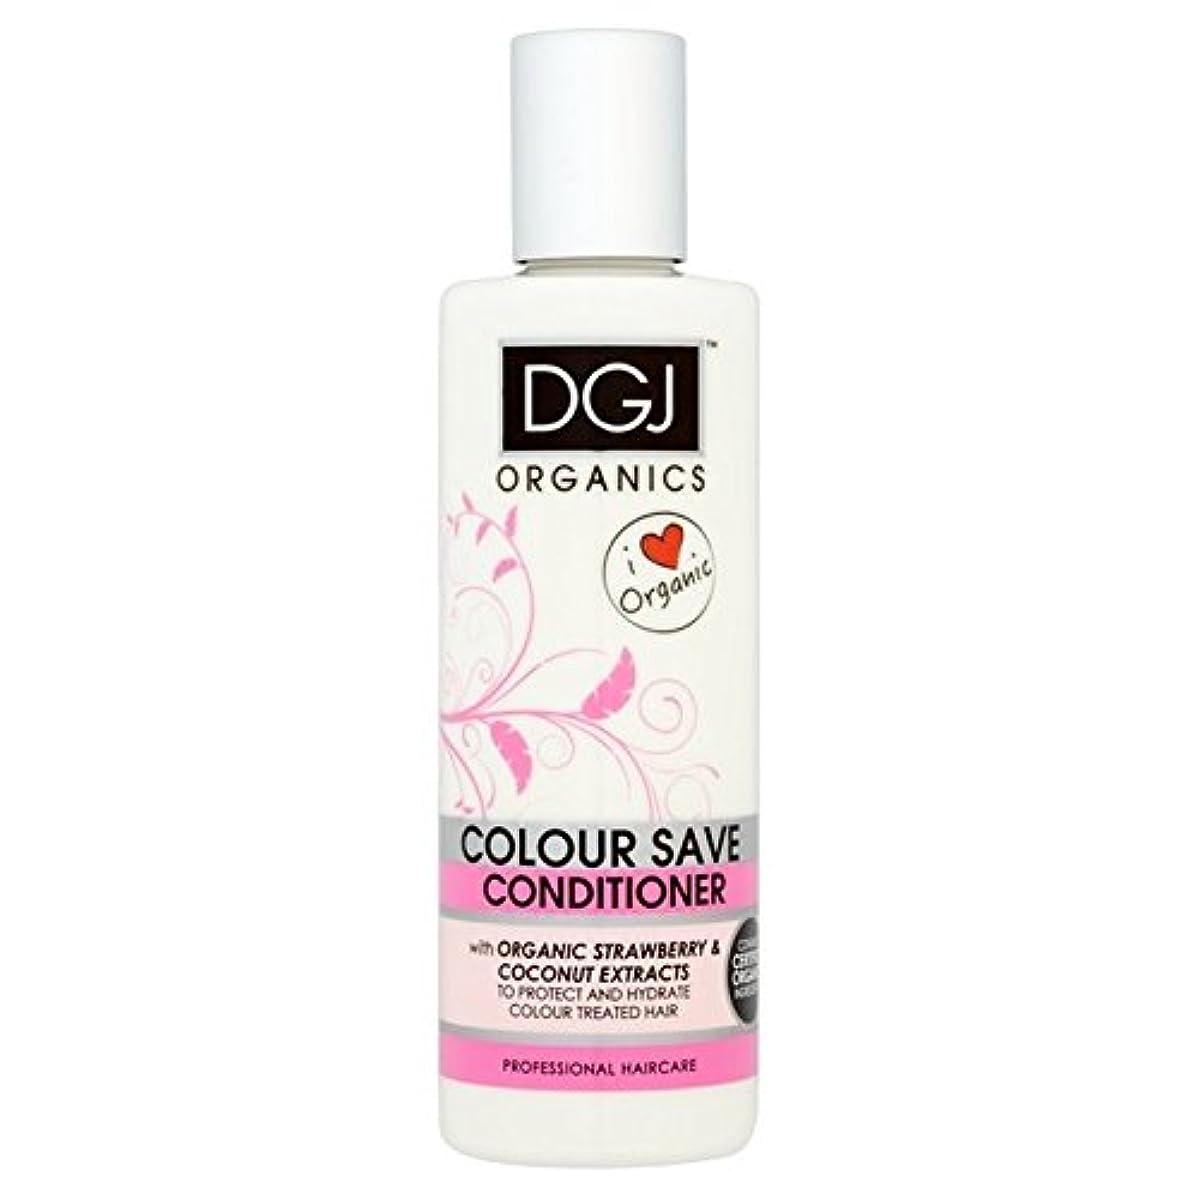 パターンカップル連邦DGJ Organics Colour Save Conditioner 250ml (Pack of 6) - 有機物の色コンディショナー250を保存 x6 [並行輸入品]